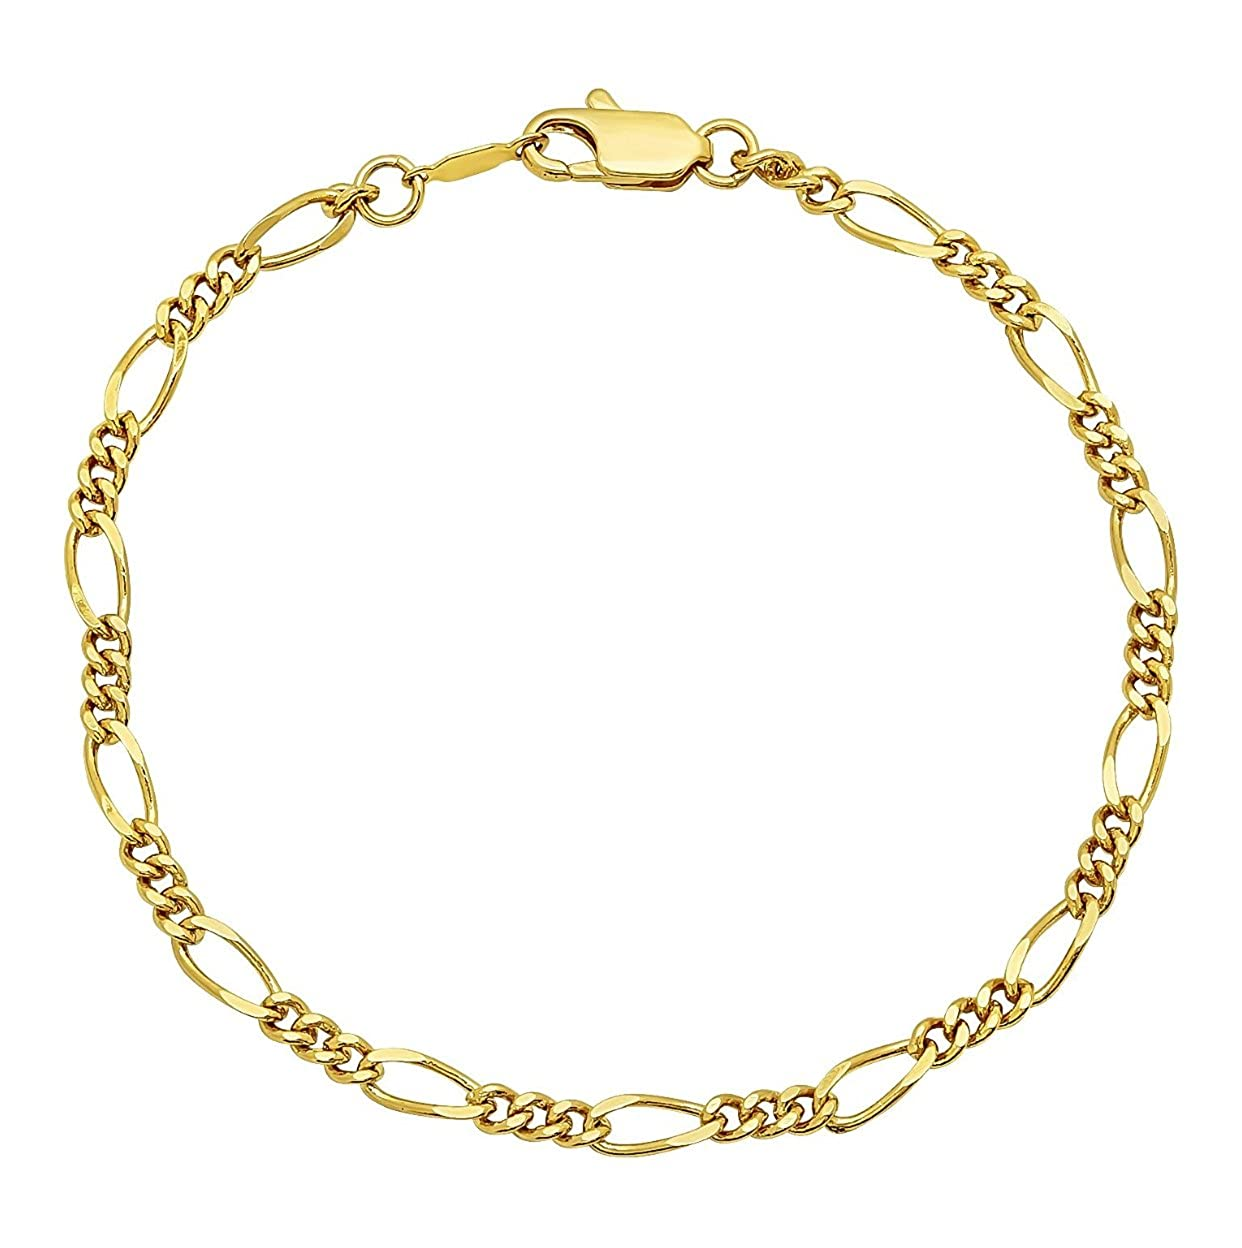 usa Seller The Best Stainless Steel Figaro Ankle Bracelet ????????